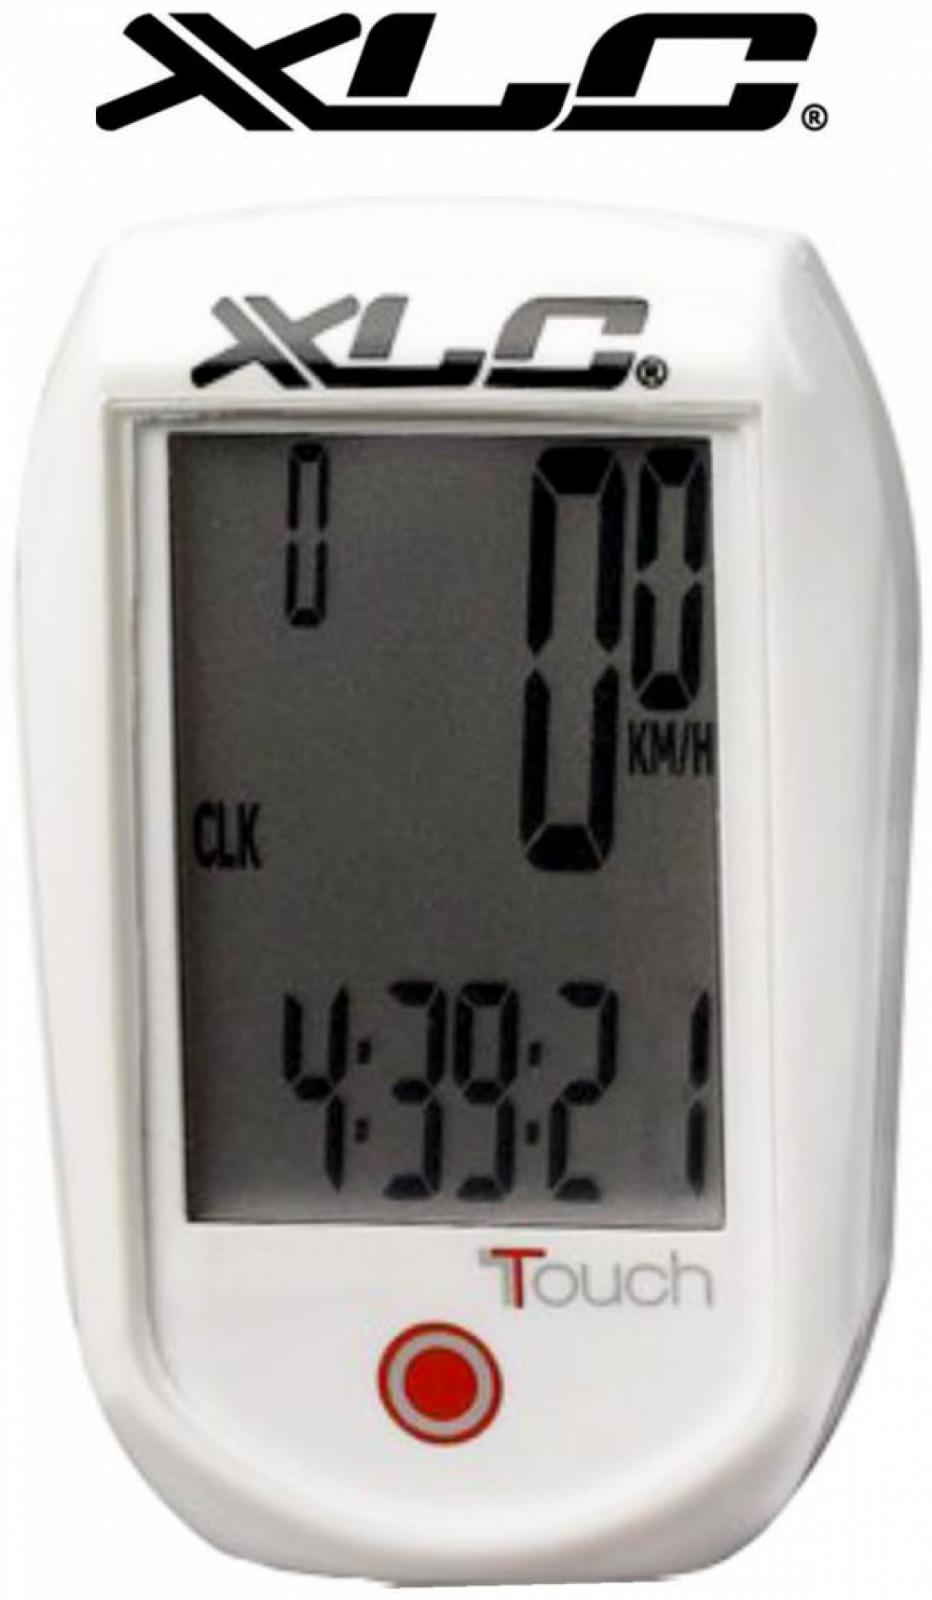 Compteur XLC BV-C01 BV-C01 BV-C01 - 11 Fonctions Ecran Tactile Filaire b9c697